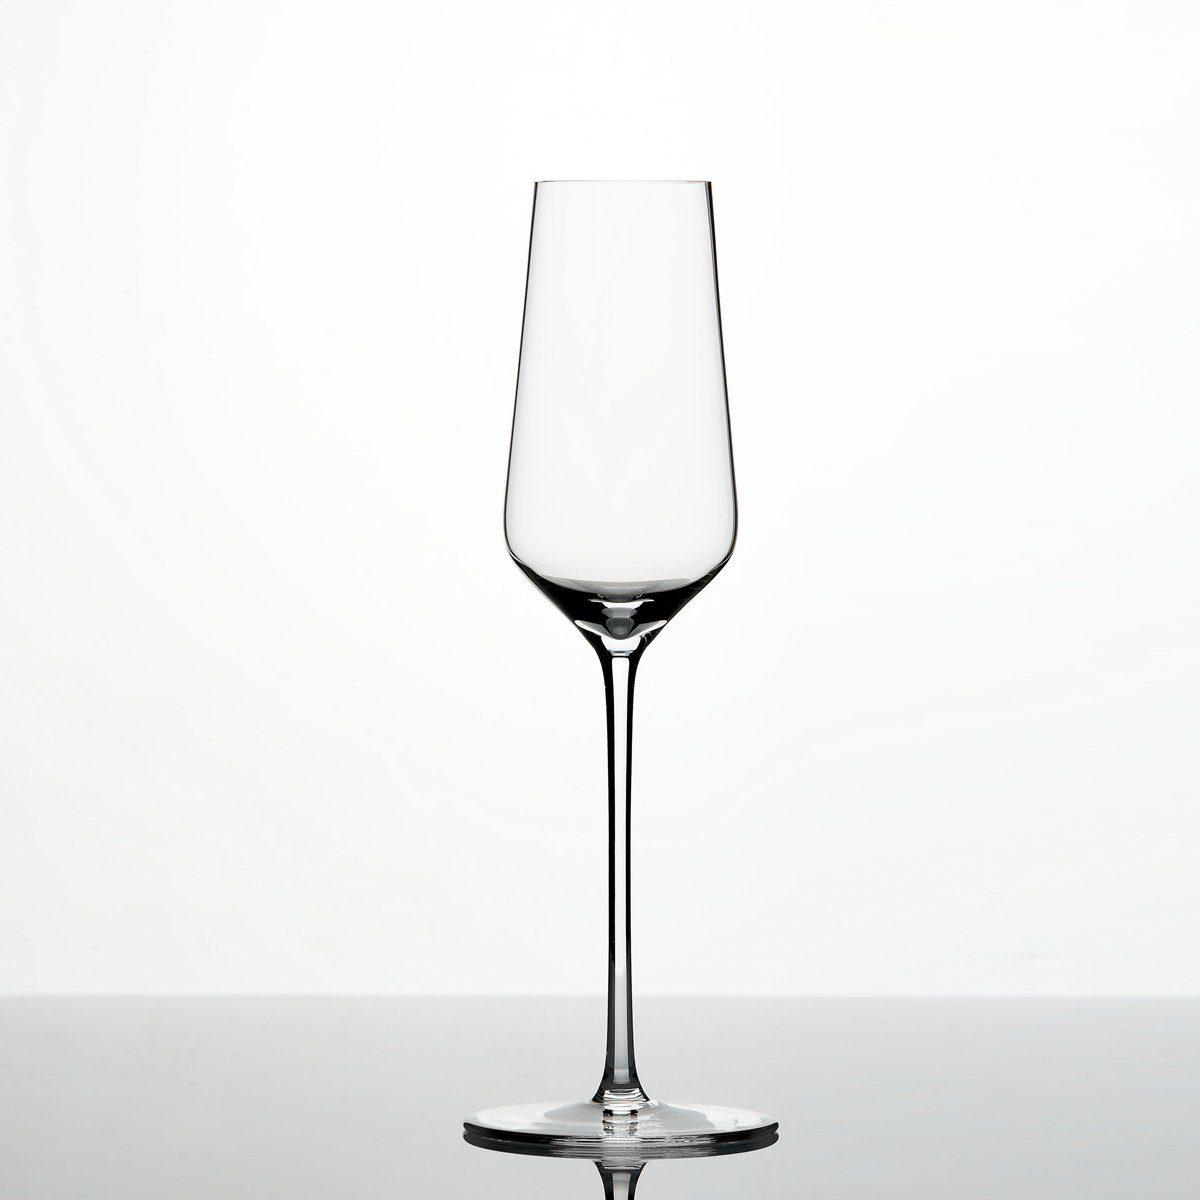 Zalto Gläser  /'Zalto Denk/'Art/' Digestifglas 6er Set 21 cm